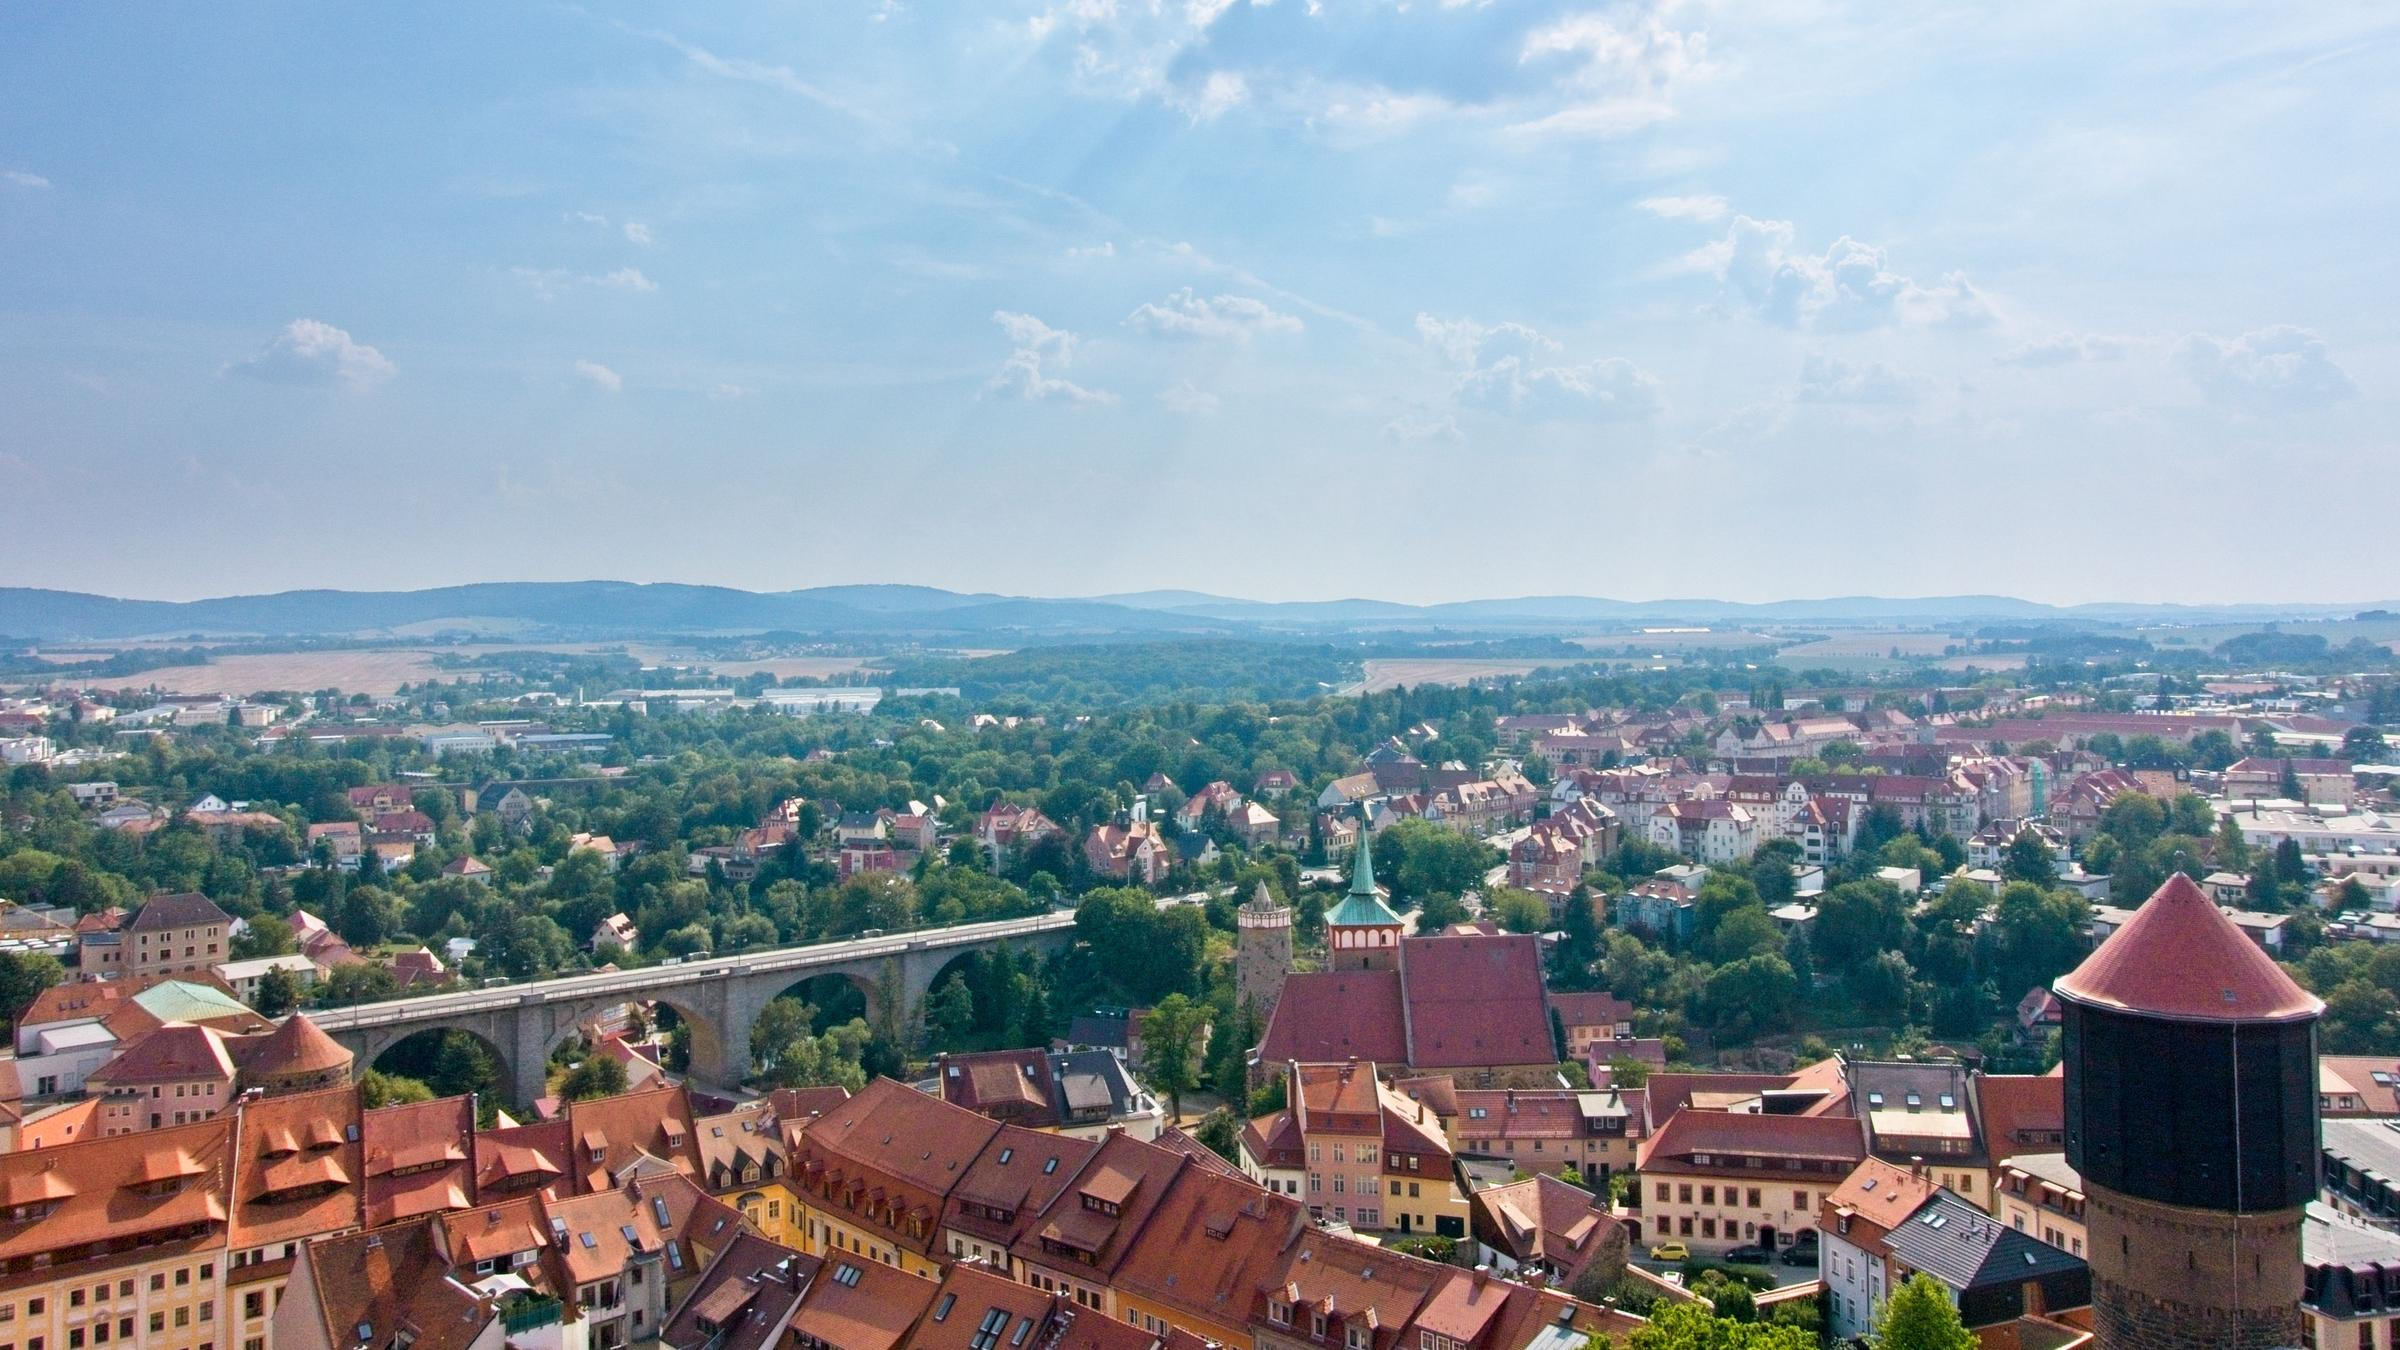 Blick auf Bautzen mit Friedensbrücke und Türmen